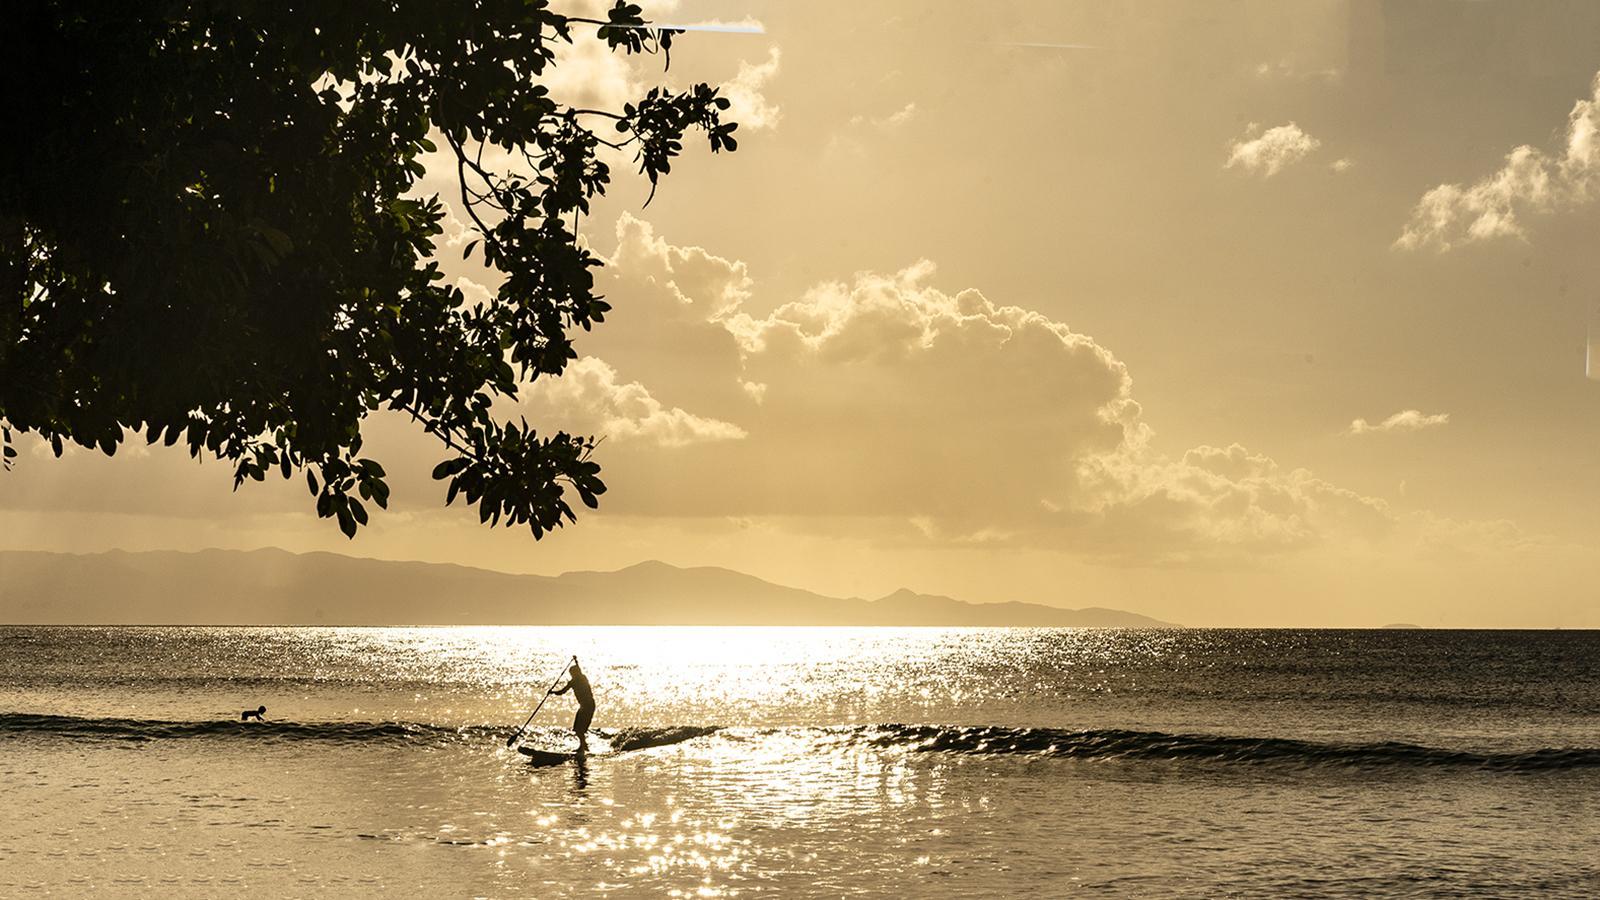 Guadeloupe: Surfen zum Sonnenuntergang - an der Nordwestküste von Grande-Terre ein unvergessliches Erlebnis. Foto: Hilke Maunder